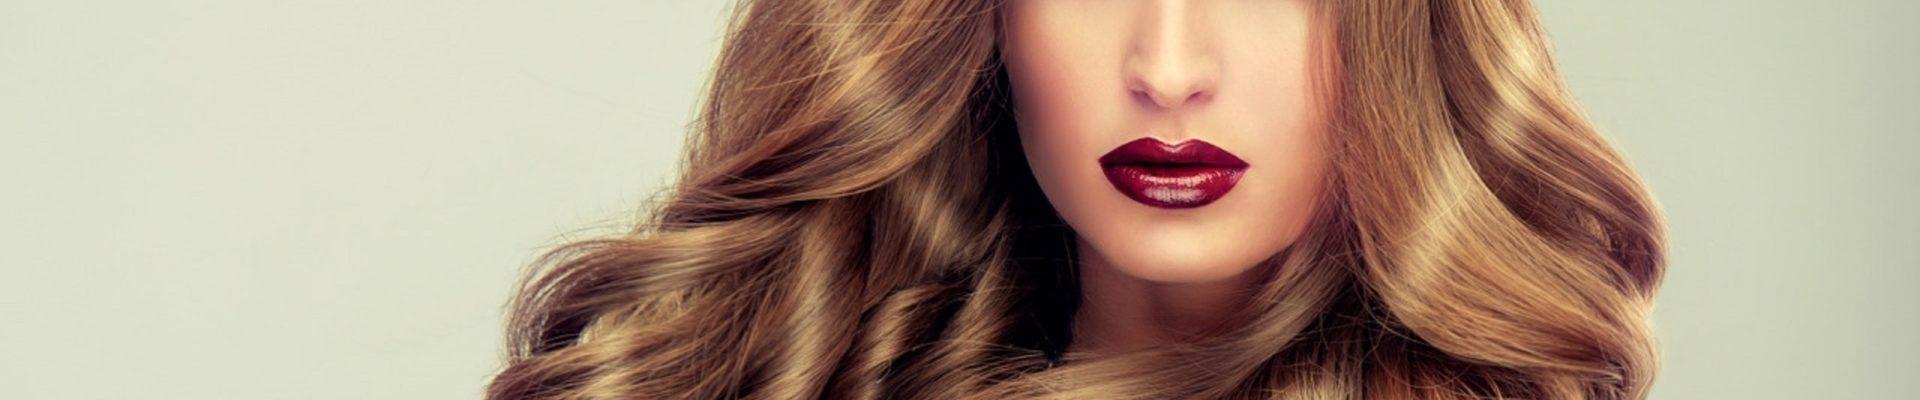 nastol.com .ua 174091 2 1920x400 - Цвет волос, который выглядит дорого, и как его добиться